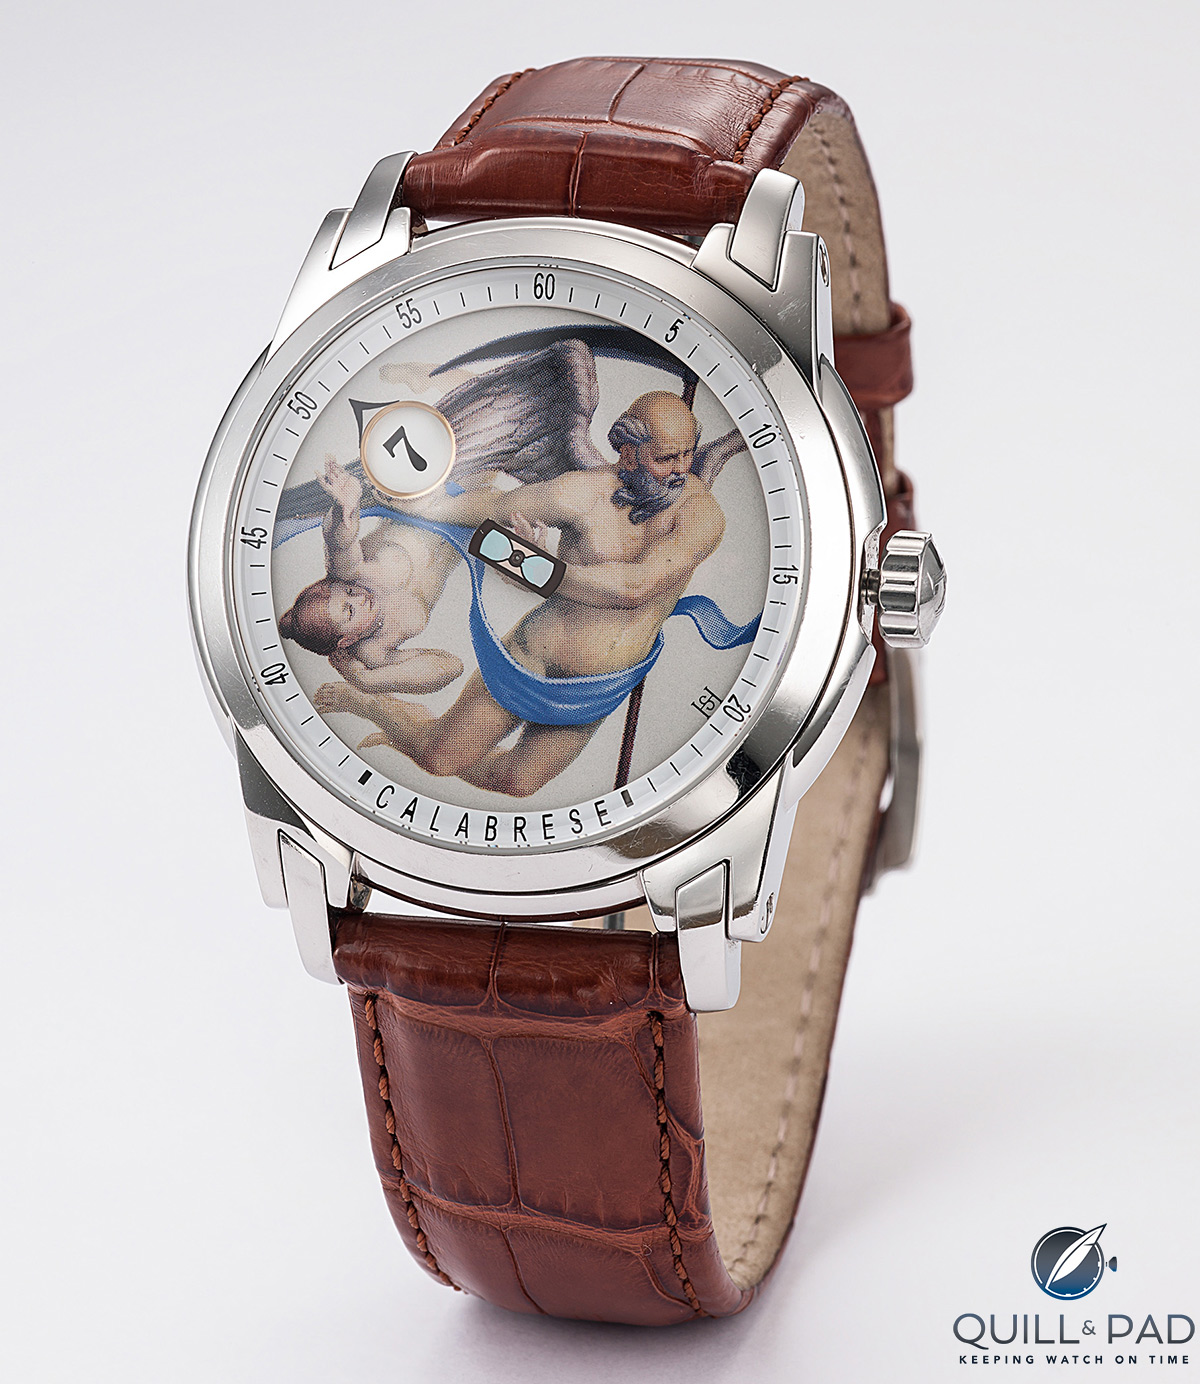 Успешные сделки на поддержанные vincent calabrese часы на timepeaks - аукцион люксовых часов из японии.